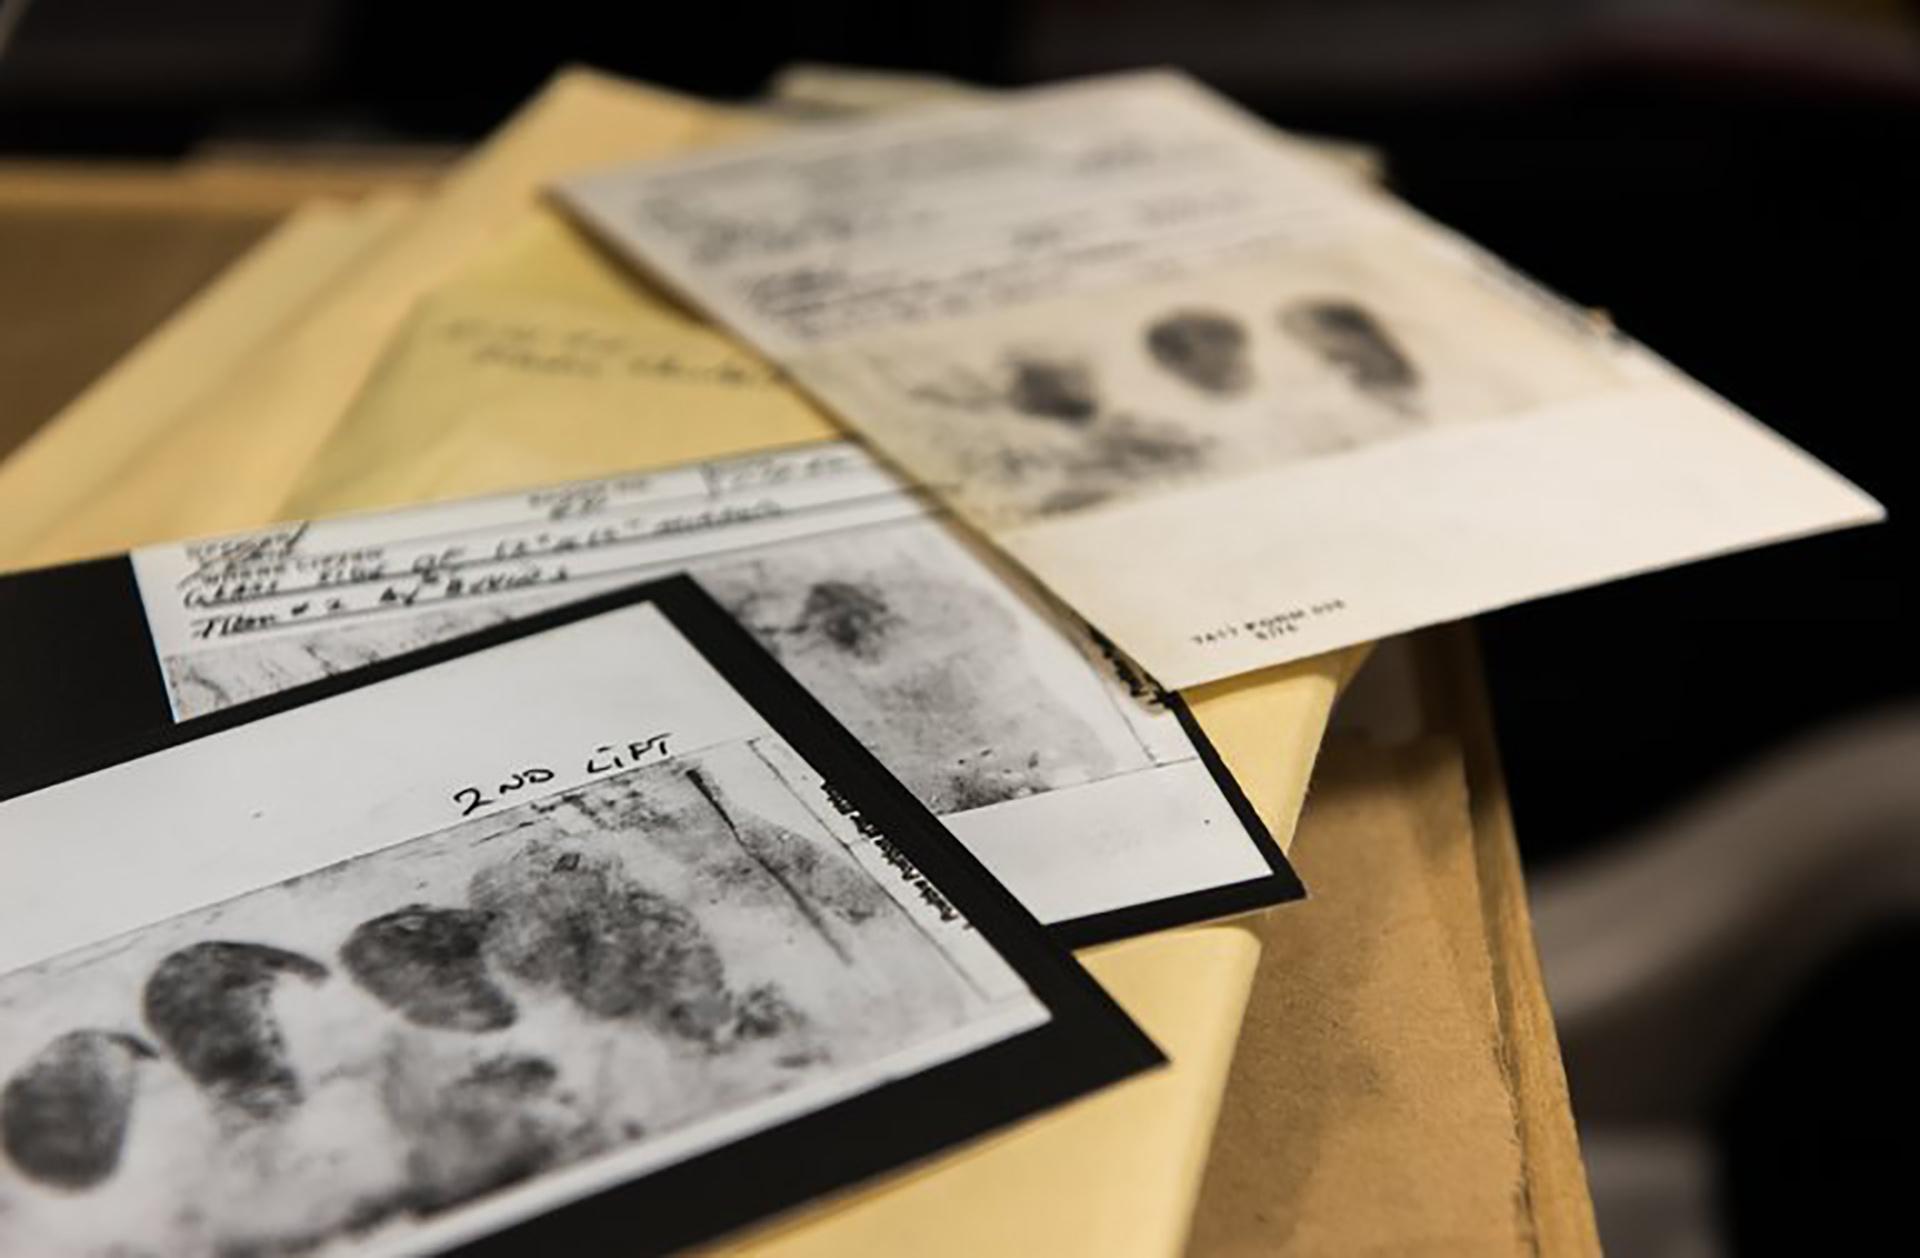 Las huellas digitales que Joseph DeAngelo debaja en las escenas de los crímenes nunca pudieron ser cotejadas. Tampoco los rastros de ADN, que ahora sí serán comparados como pruebas finales (FBI)